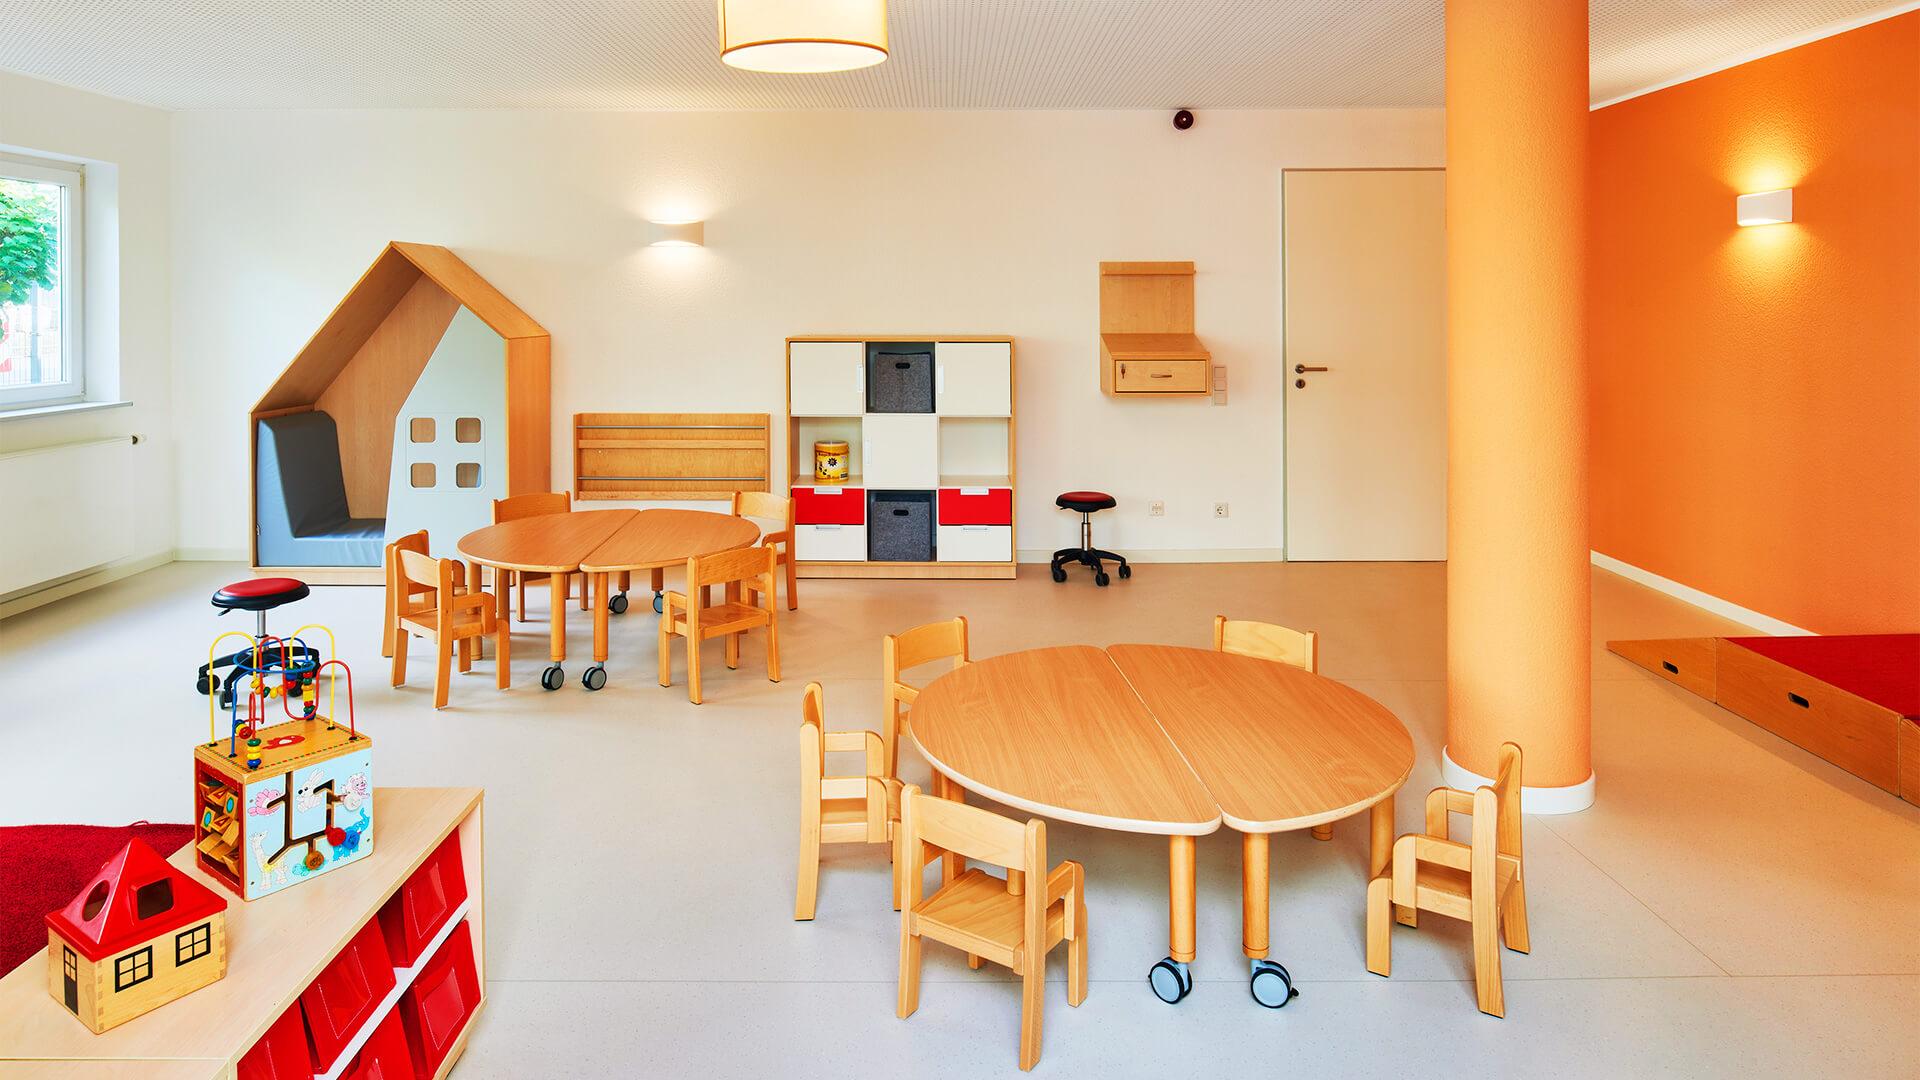 Gruppenraum mit Spiel- und Lese-Ecken und Runden Tischen mit Platz für viele Kinder